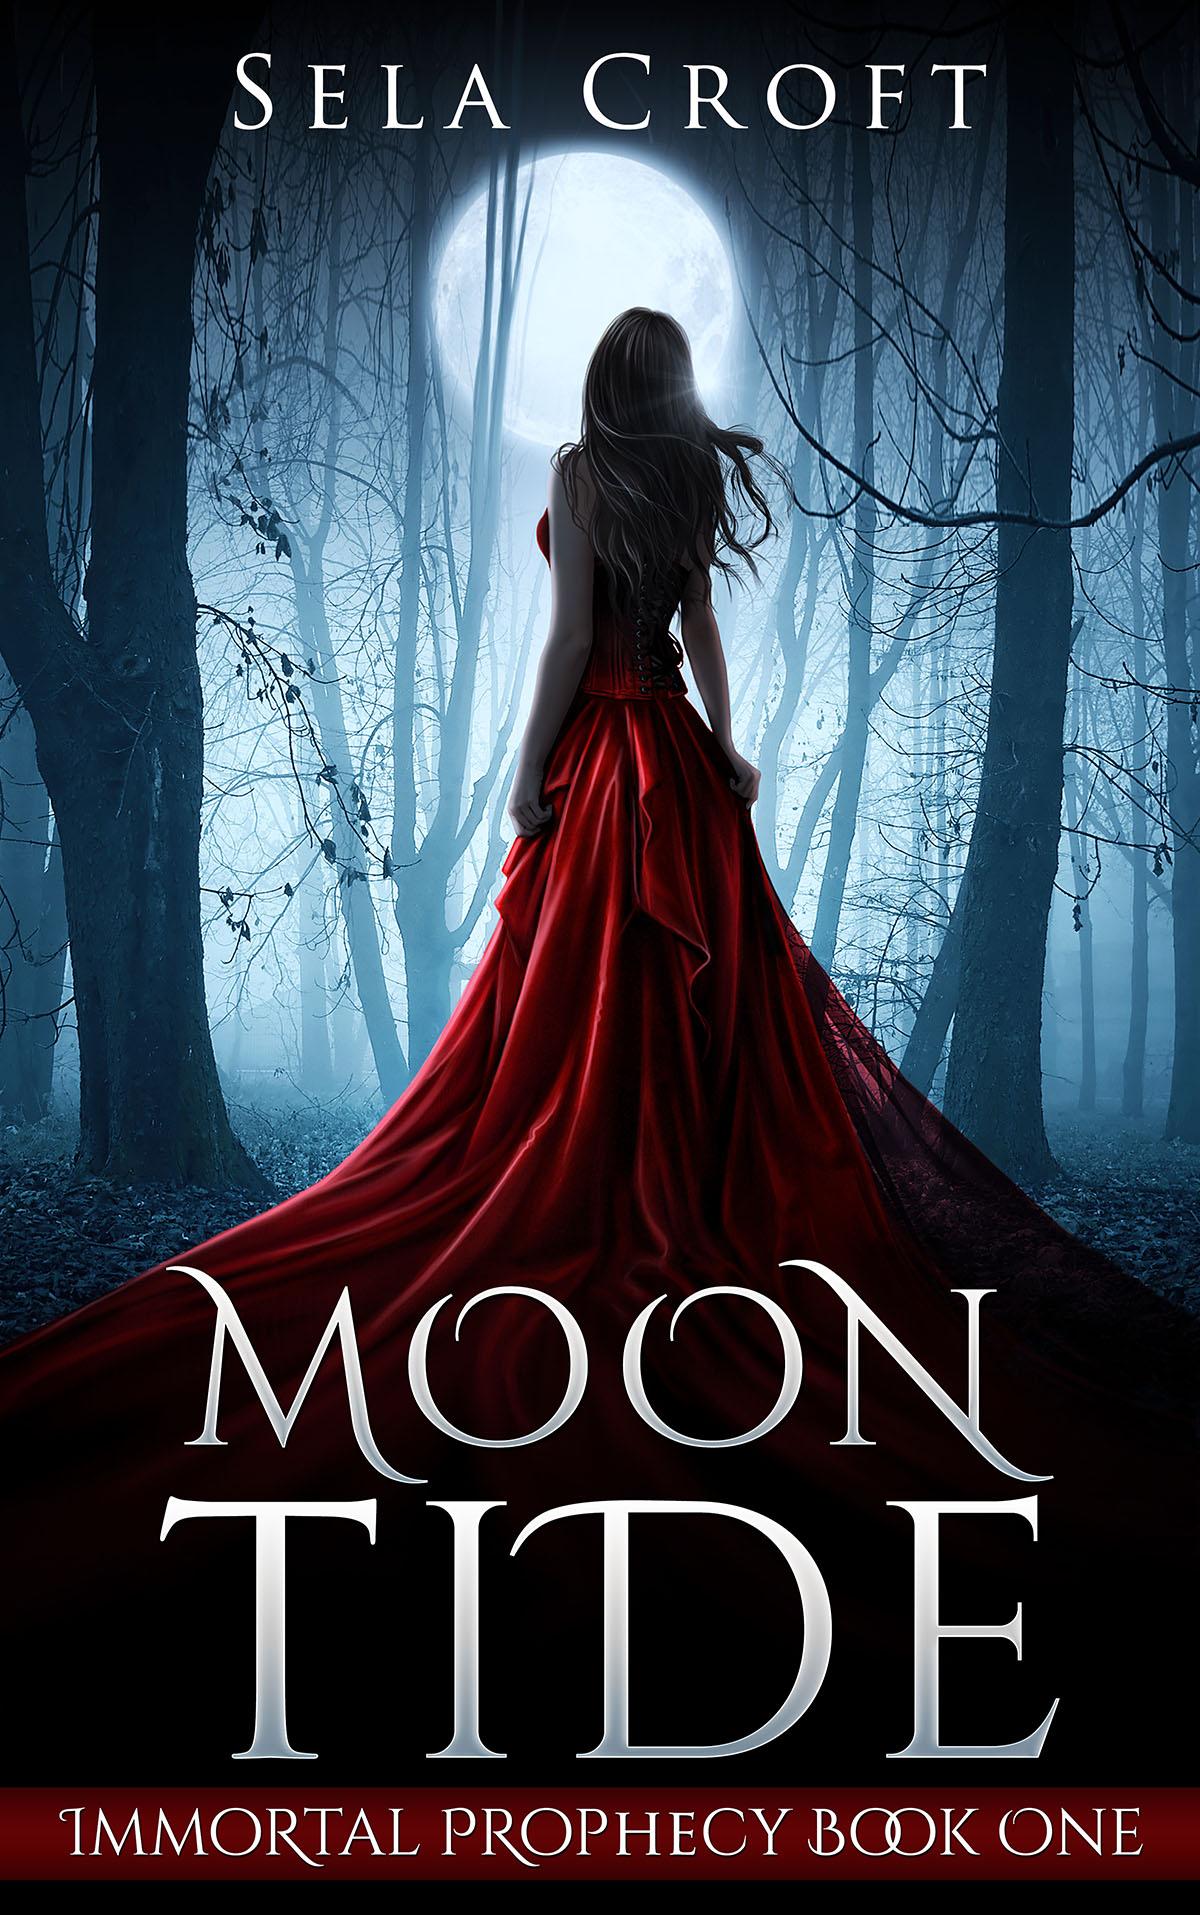 Moon Tide